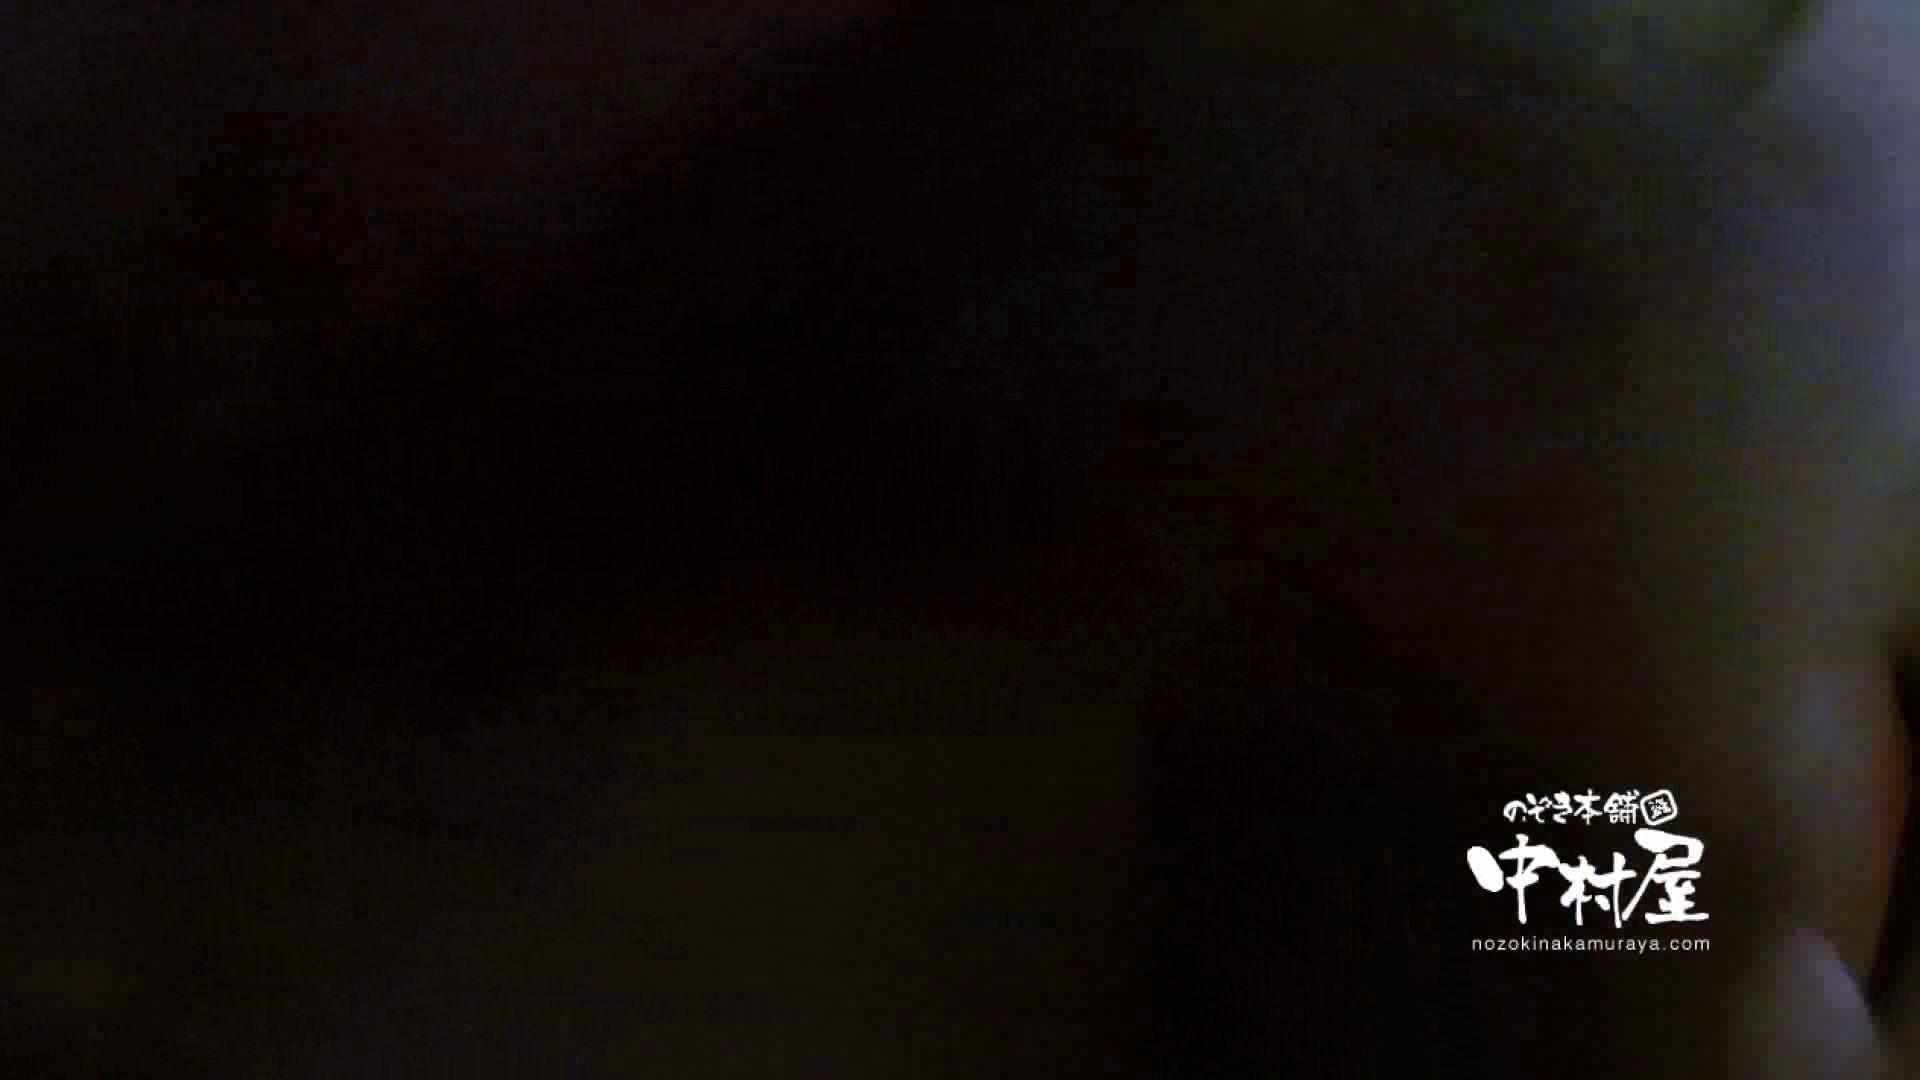 鬼畜 vol.08 極悪!妊娠覚悟の中出し! 前編 美しいOLの裸体 SEX無修正画像 81pic 56